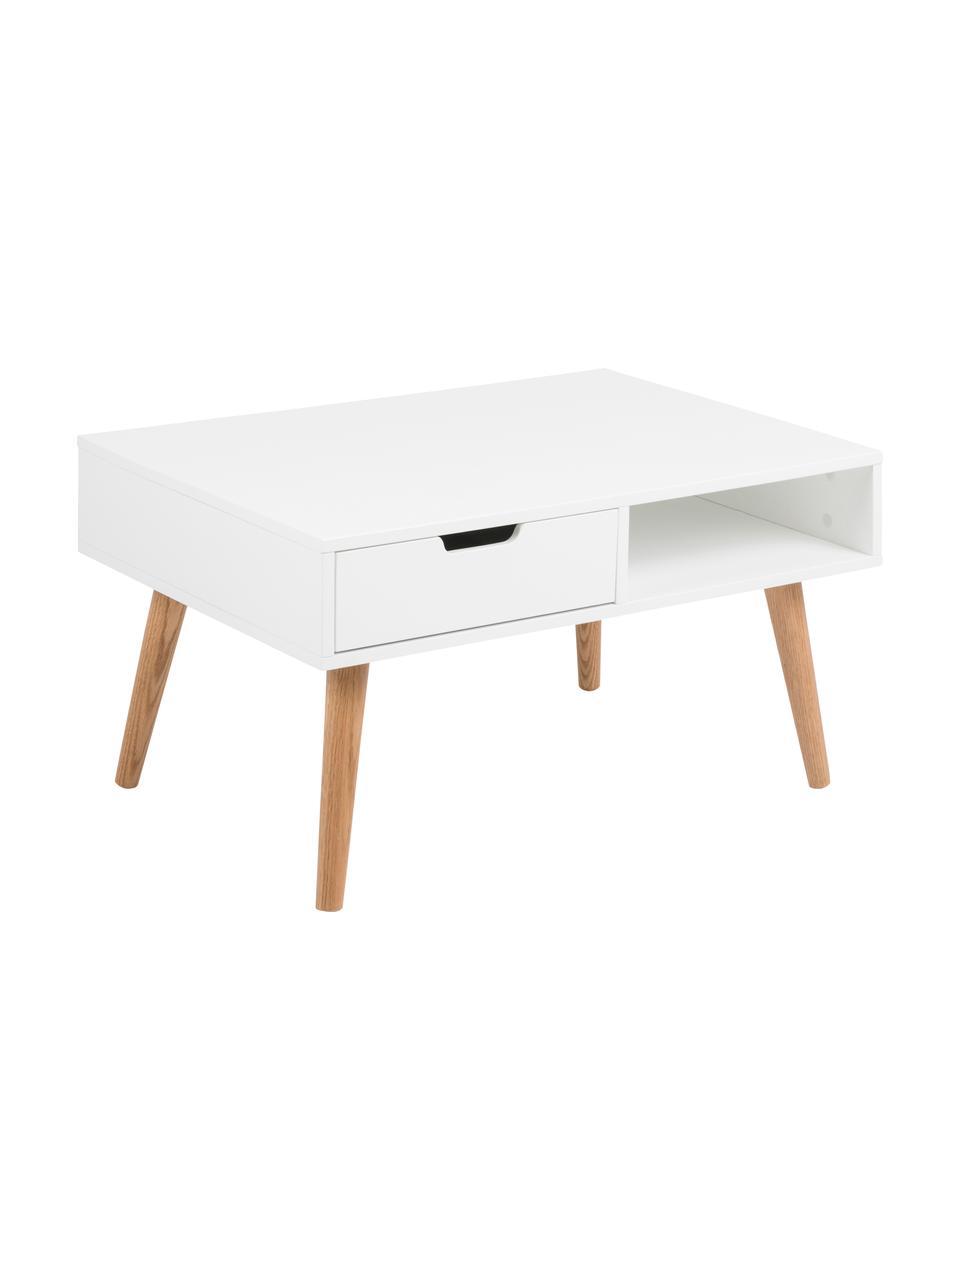 Couchtisch Mitra mit Schublade im Skandi Design, Tischplatte: Mitteldichte Faserplatte , Beine: Eichenholz, geölt, Tischplatte: Weiß, matt<br>Beine: Eiche, 80 x 46 cm